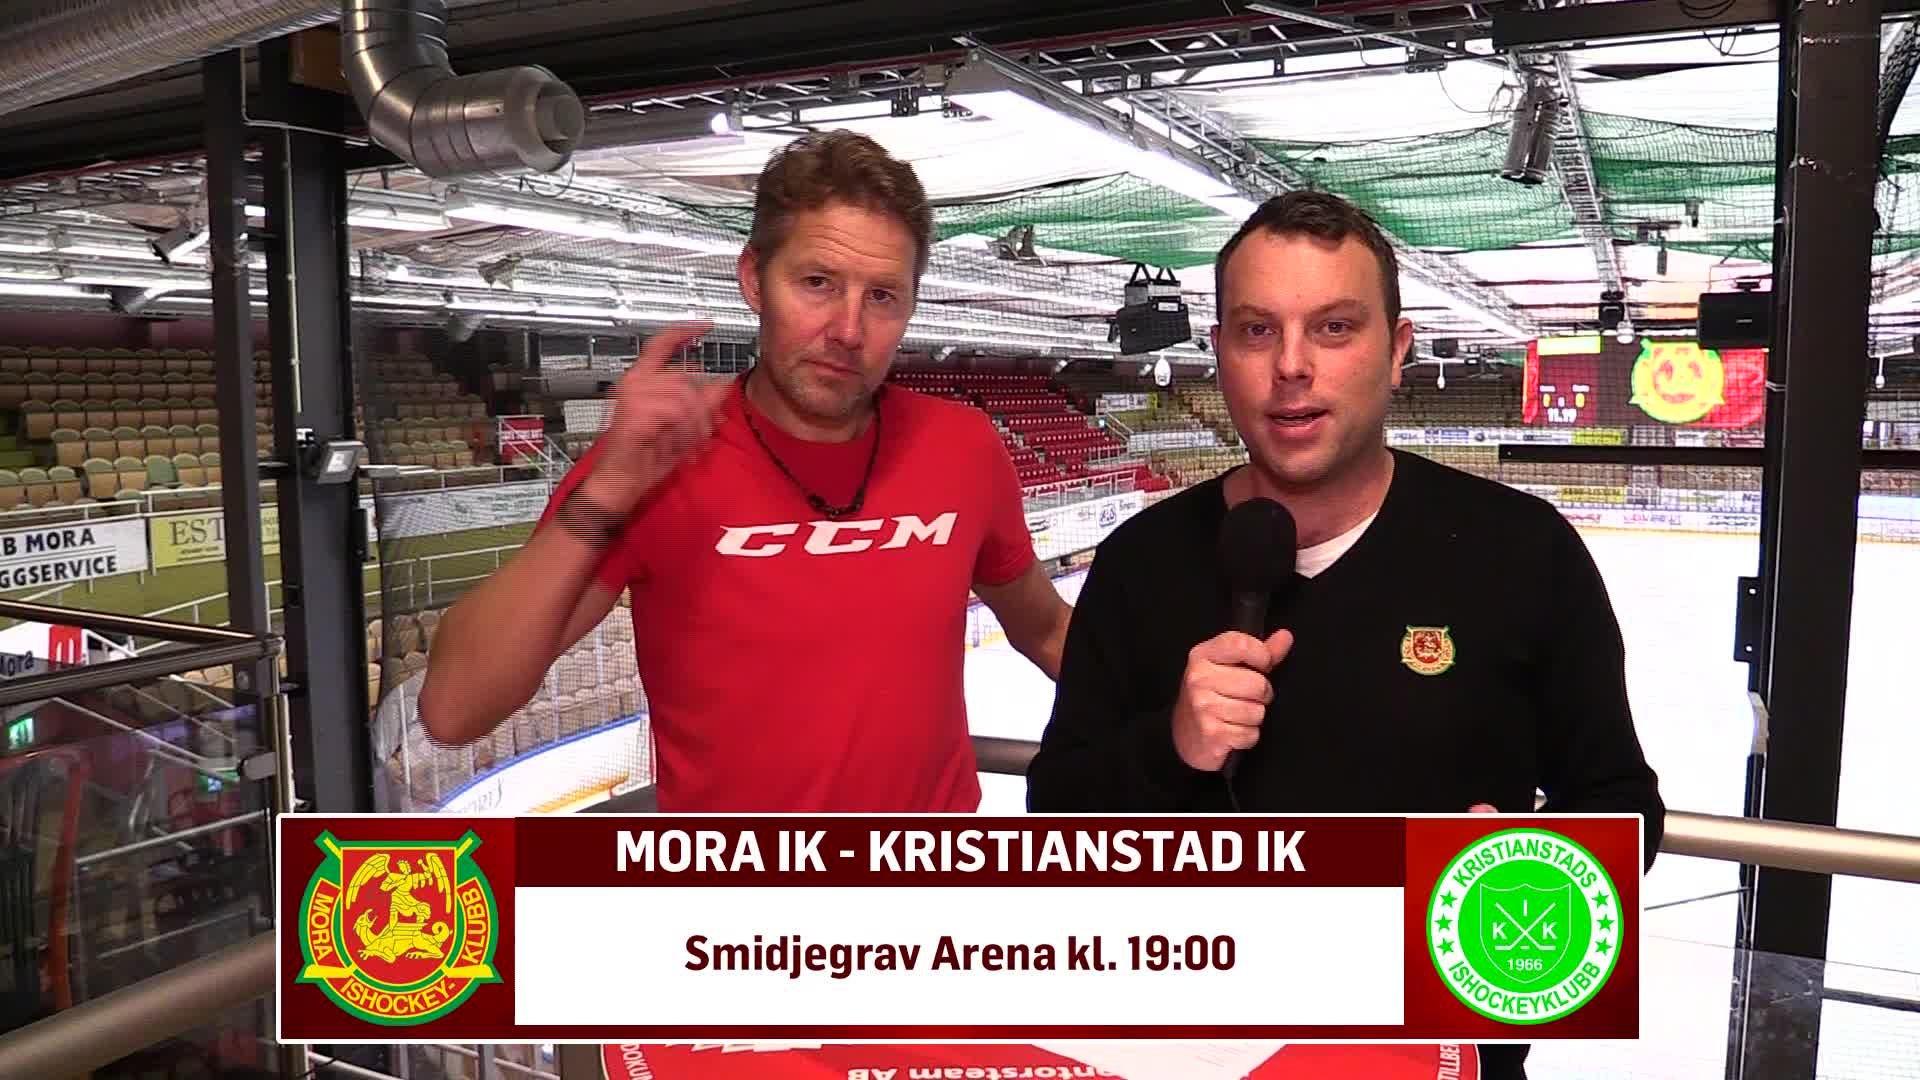 Uppladdning inför Mora -Kristianstad